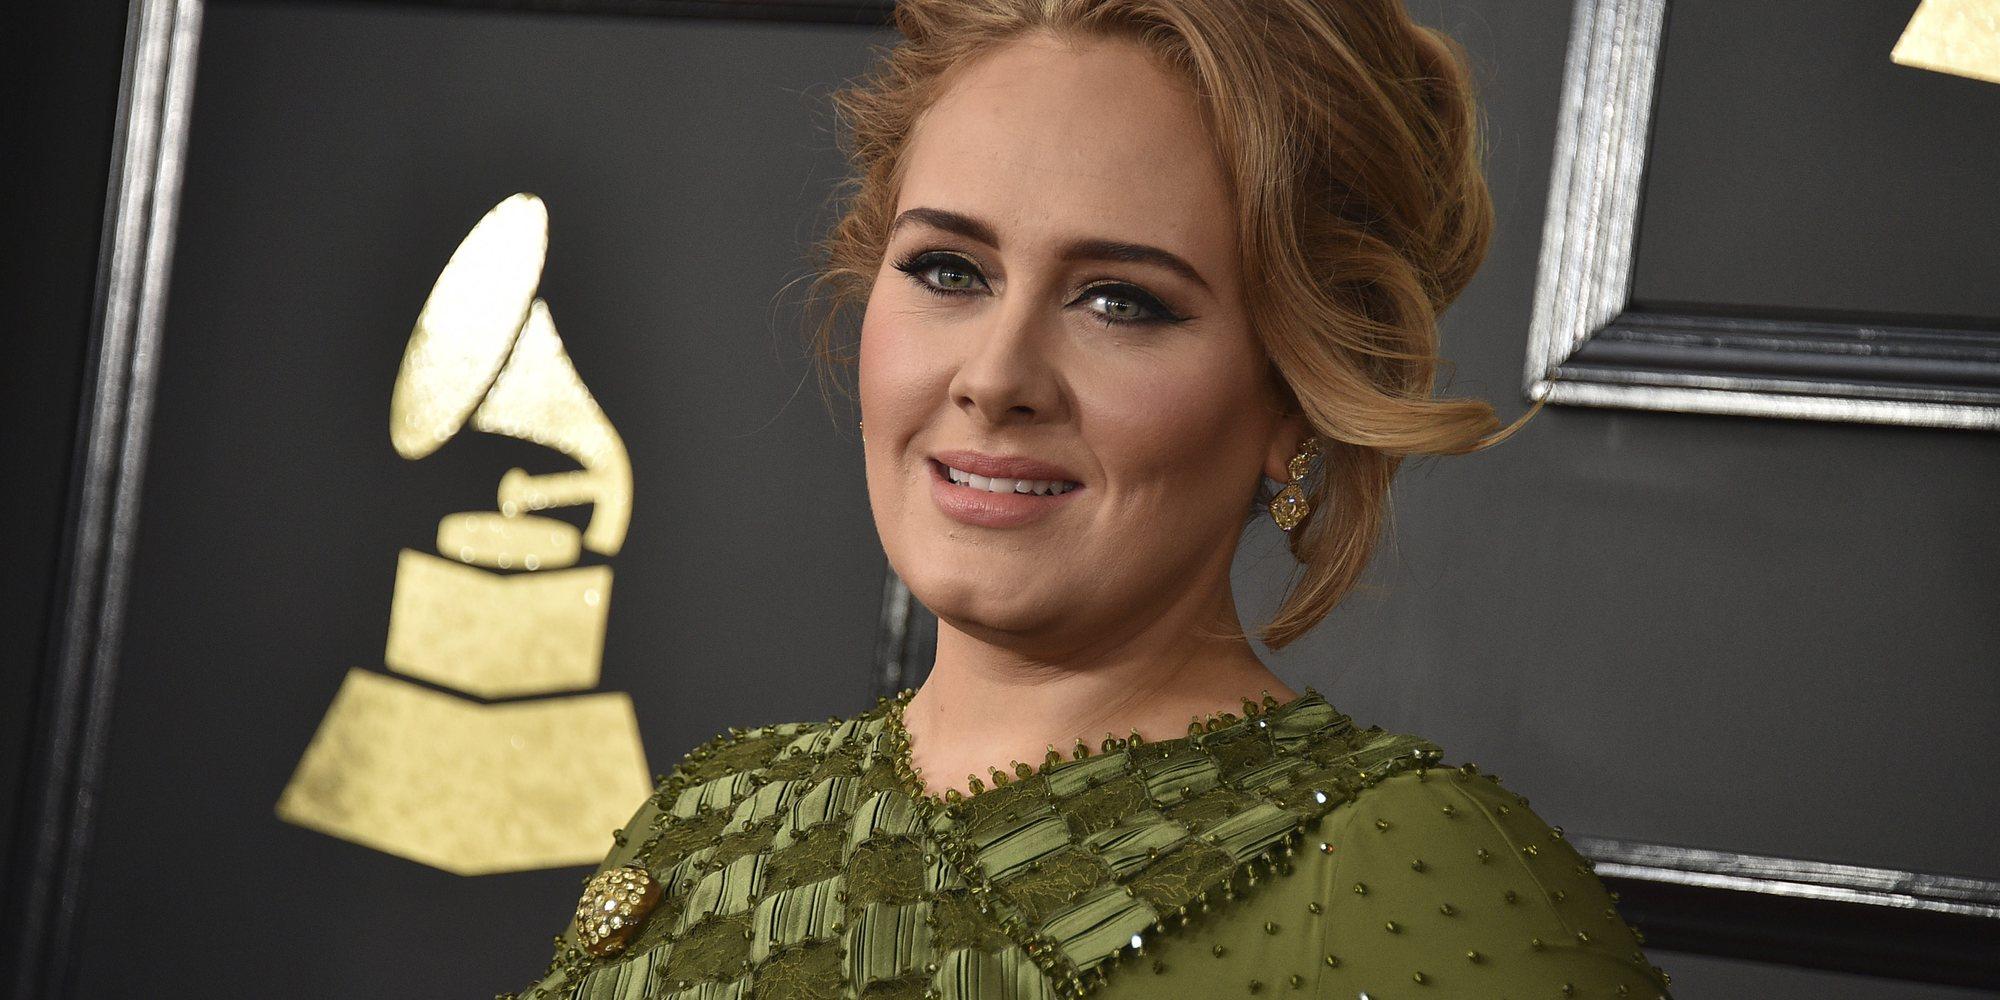 Adele comienza una relación con Skepta tras su separación con Simon Konecki